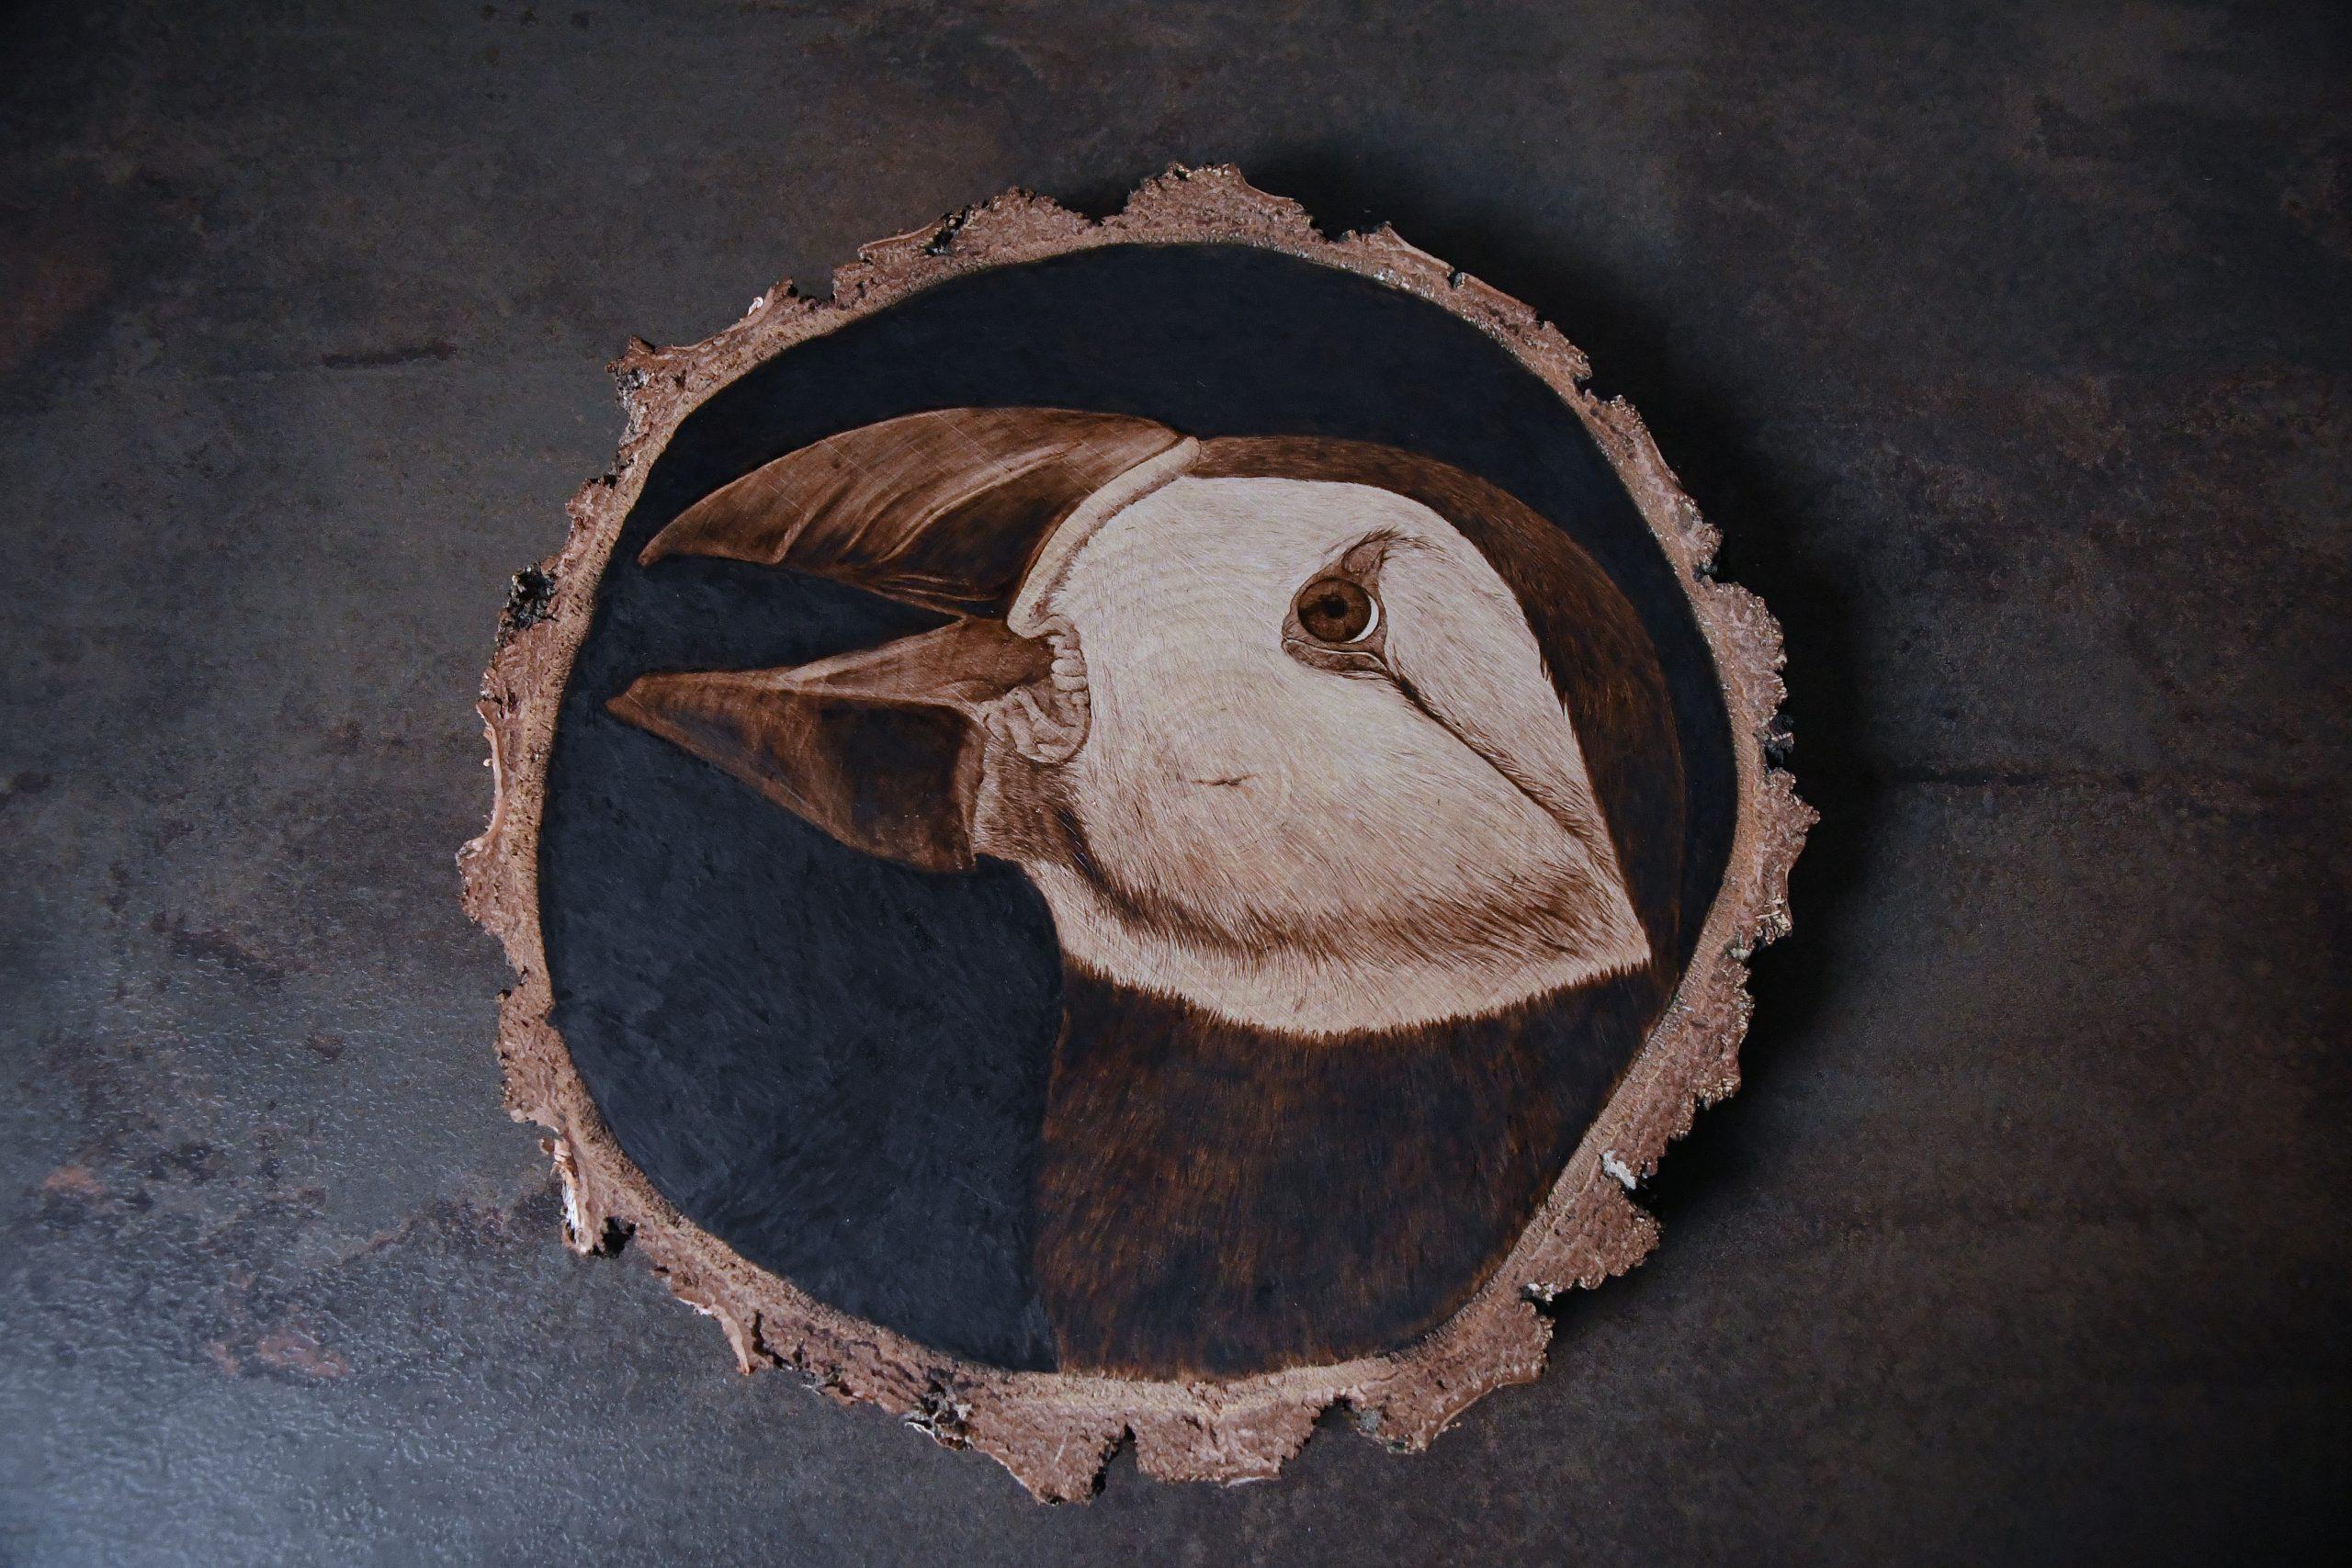 wypalanie w drewnie, sylwia, pirografia, janczyszyn, pyrography, handmade, rękodzieło, pomysł na prezent, maskonur